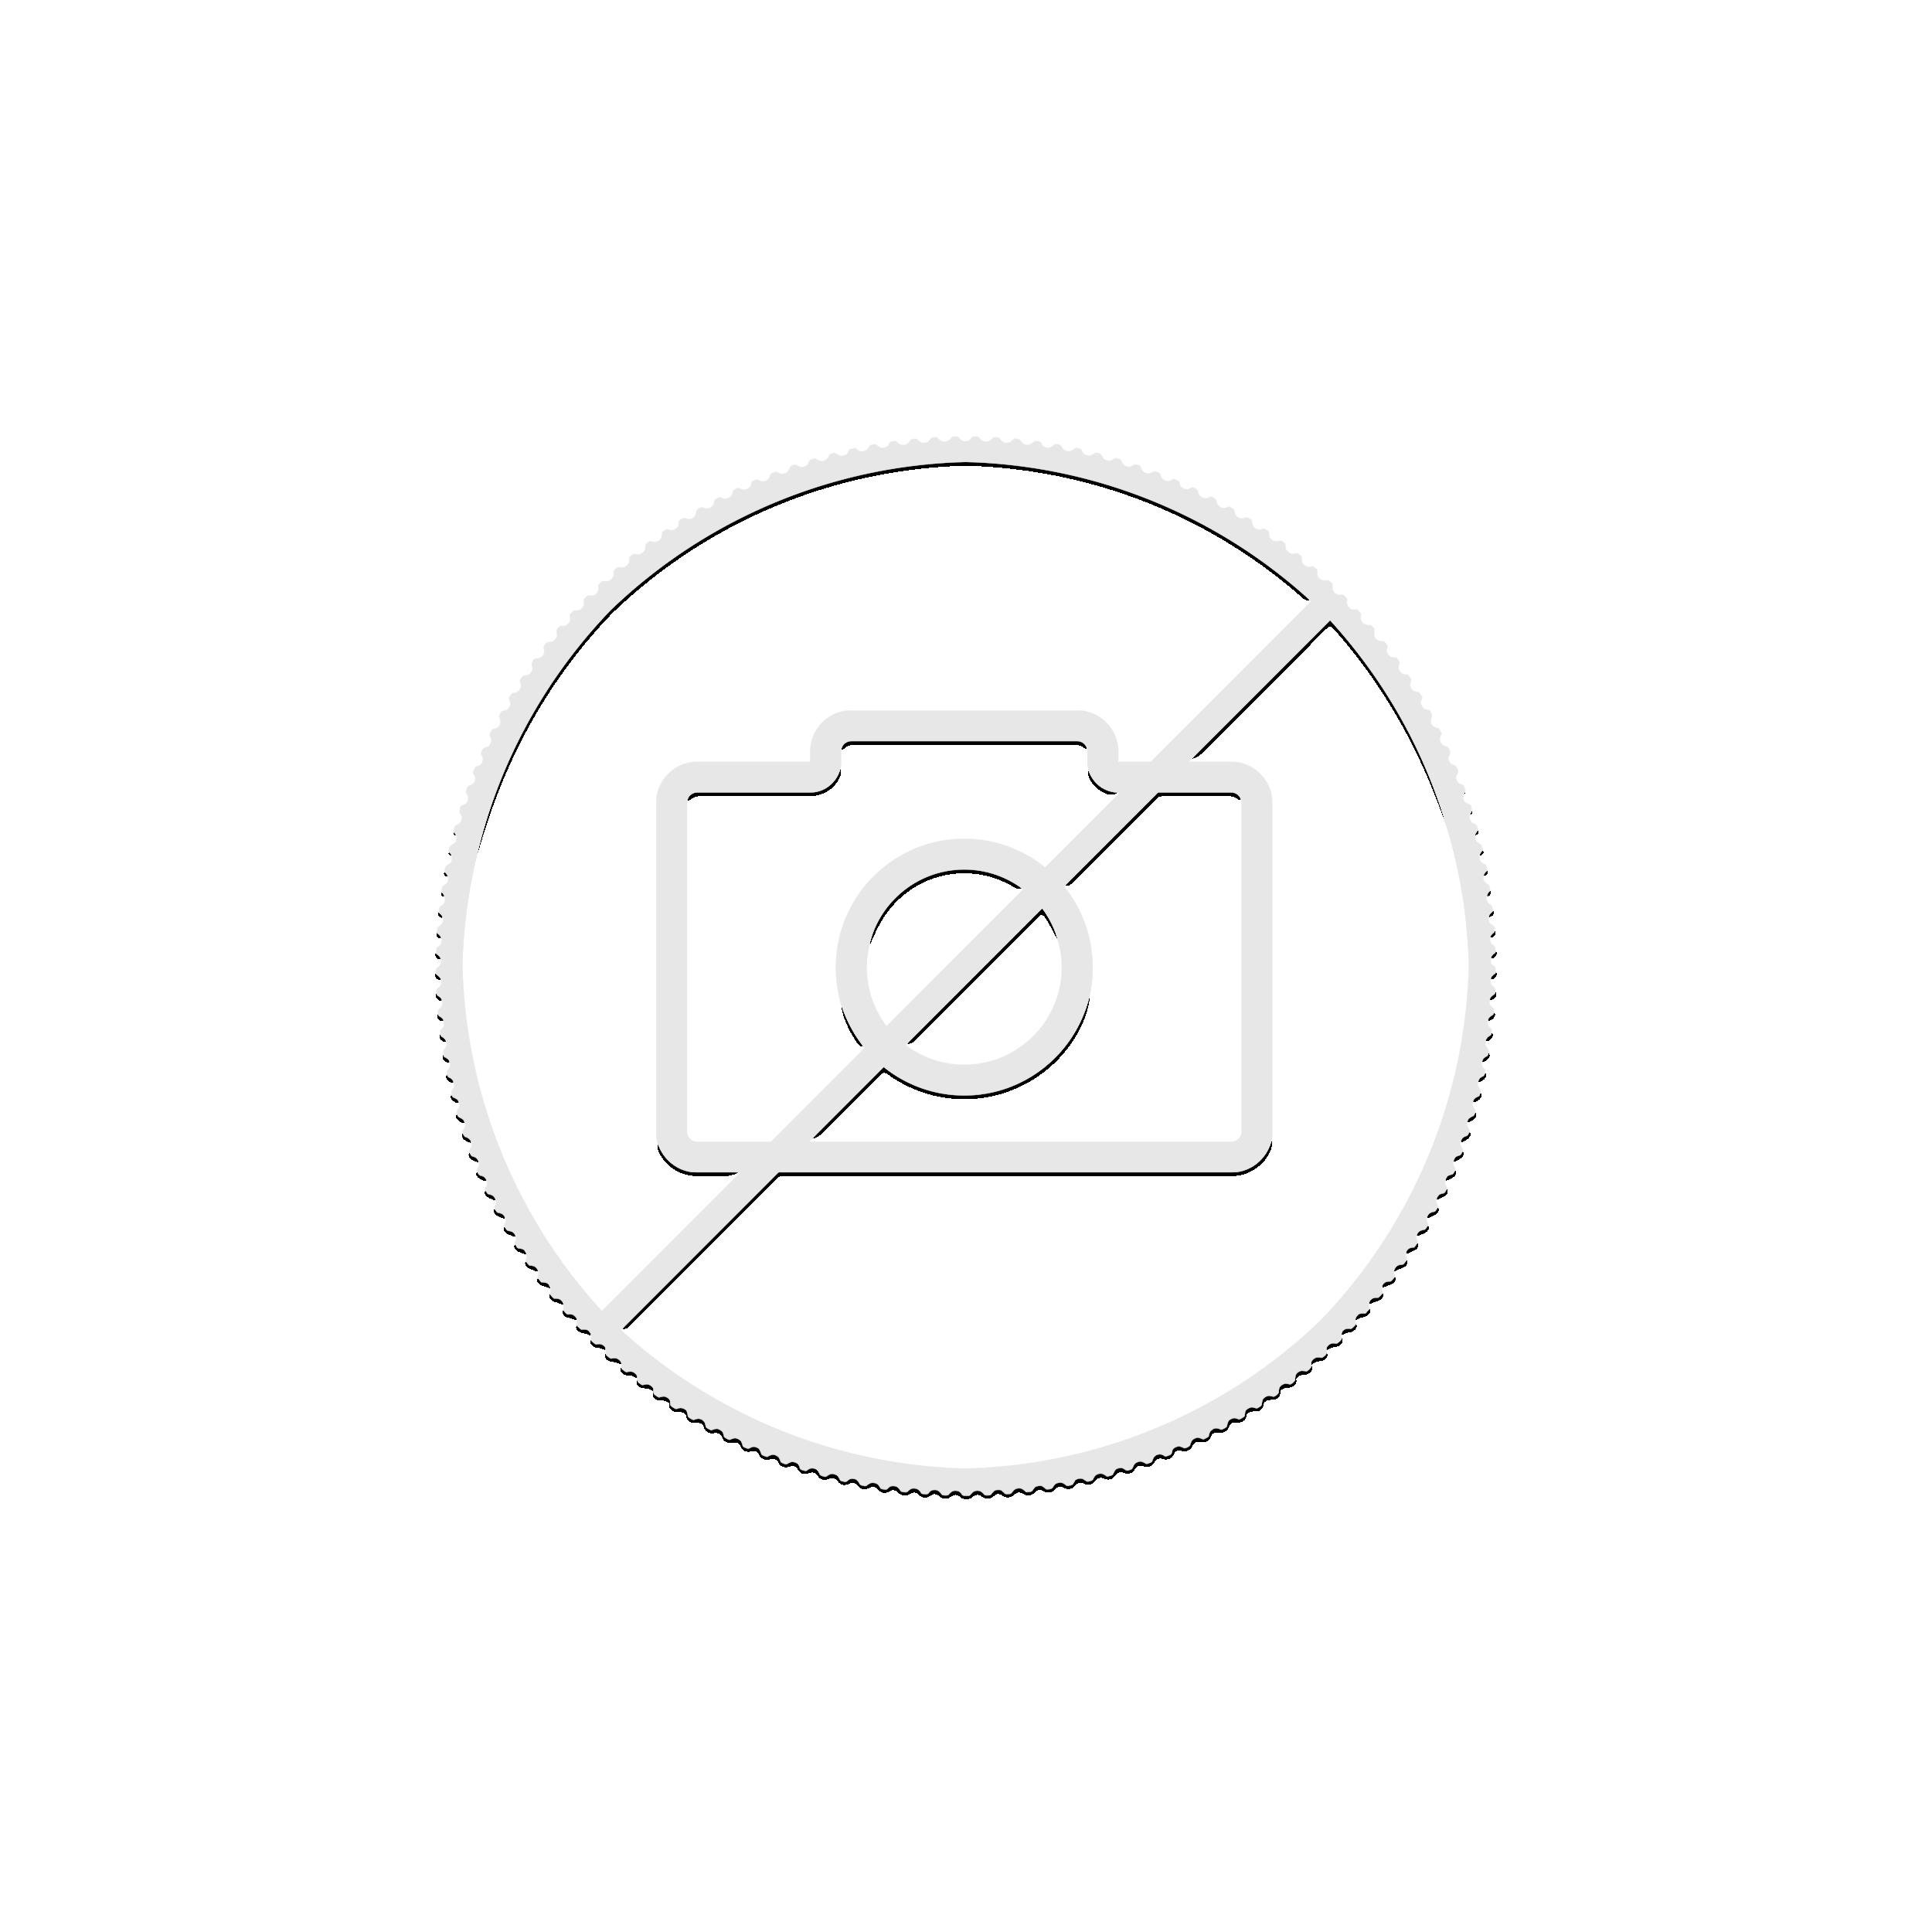 Gold Sovereign coin